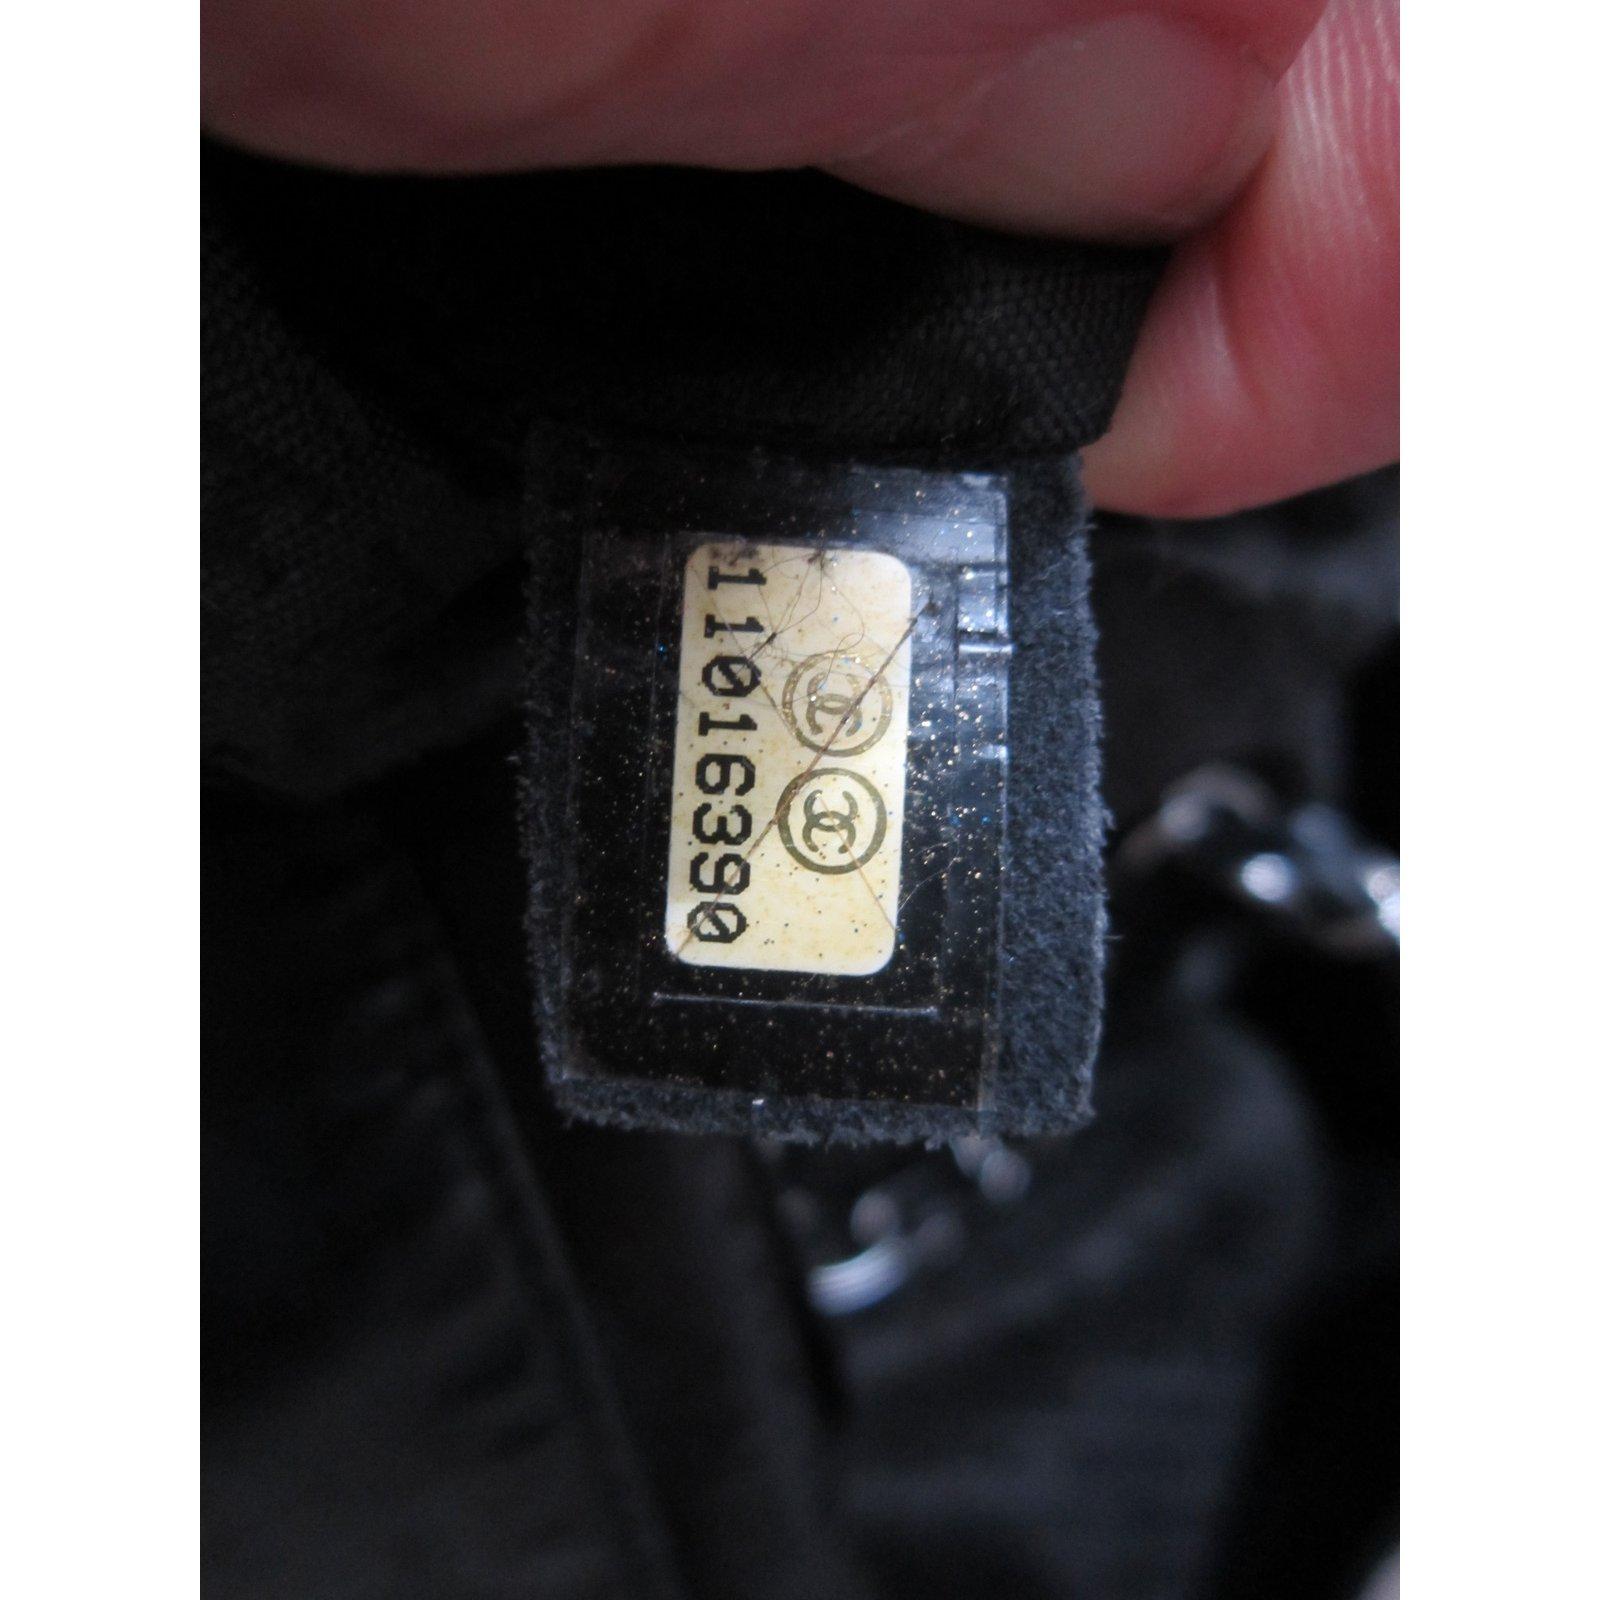 6bbc9c07d4 Sacs à main Chanel coco cabas Toile Noir ref.41040 - Joli Closet